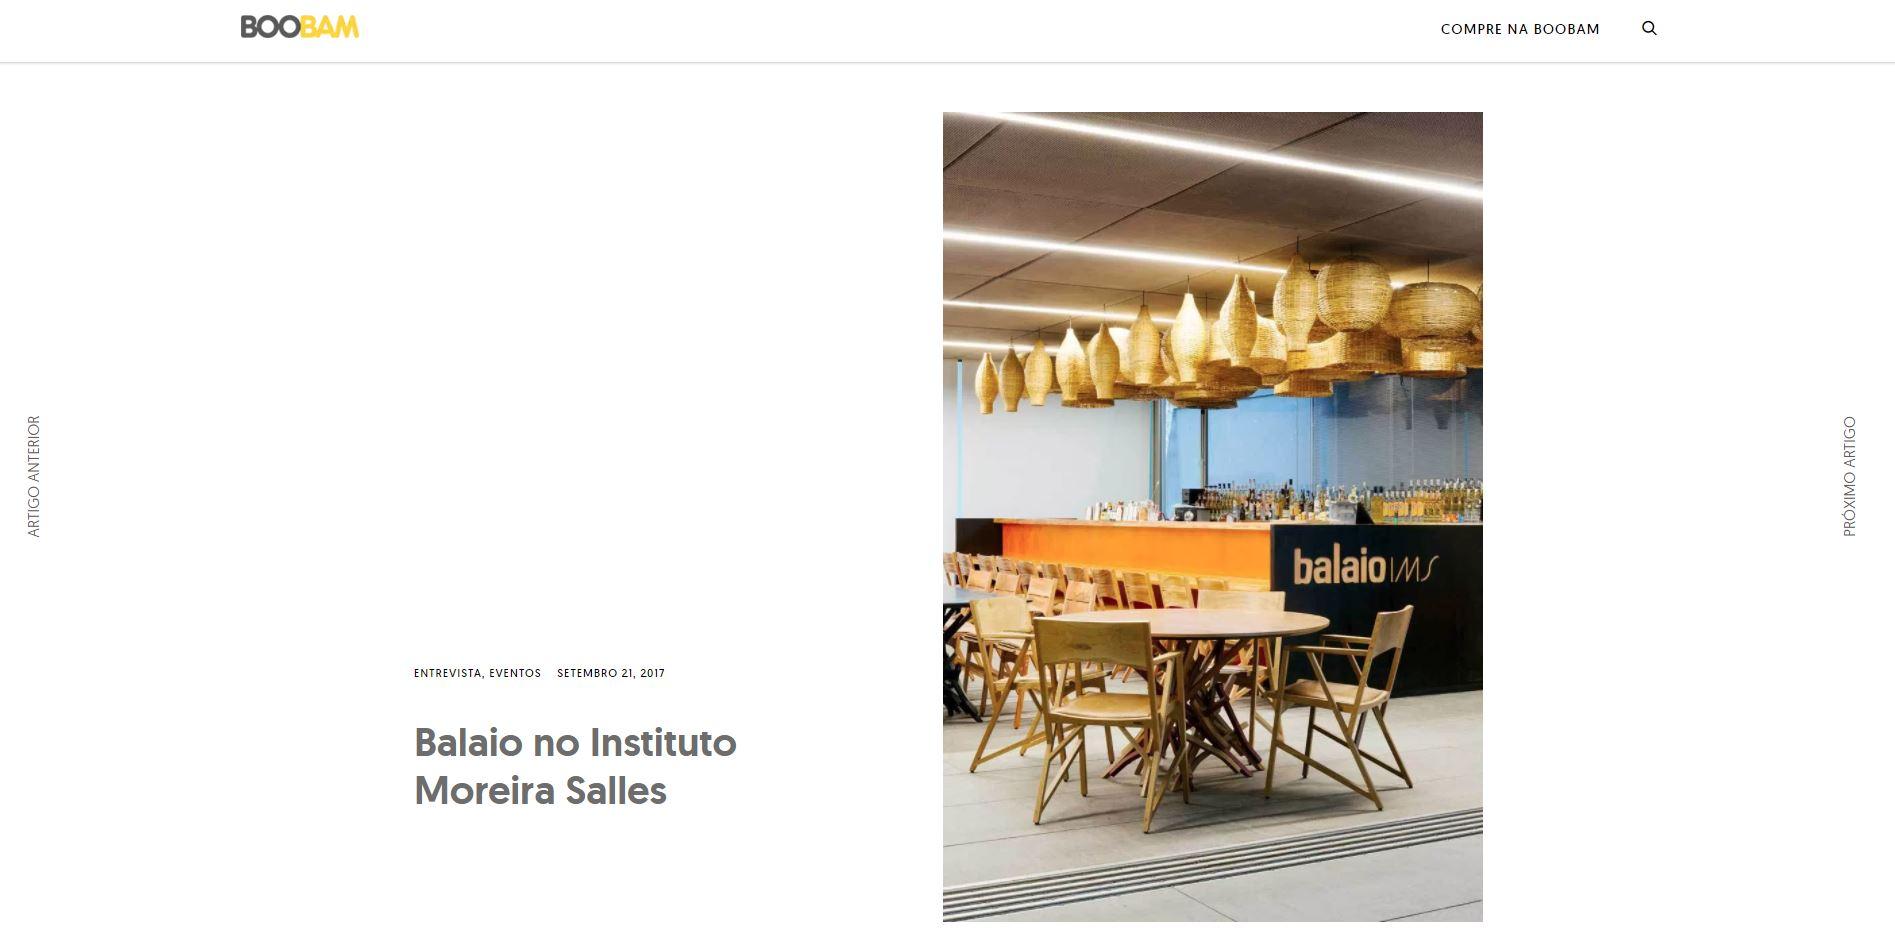 arquitetura-labarquitetos-publicacao-site-boobam-balaio